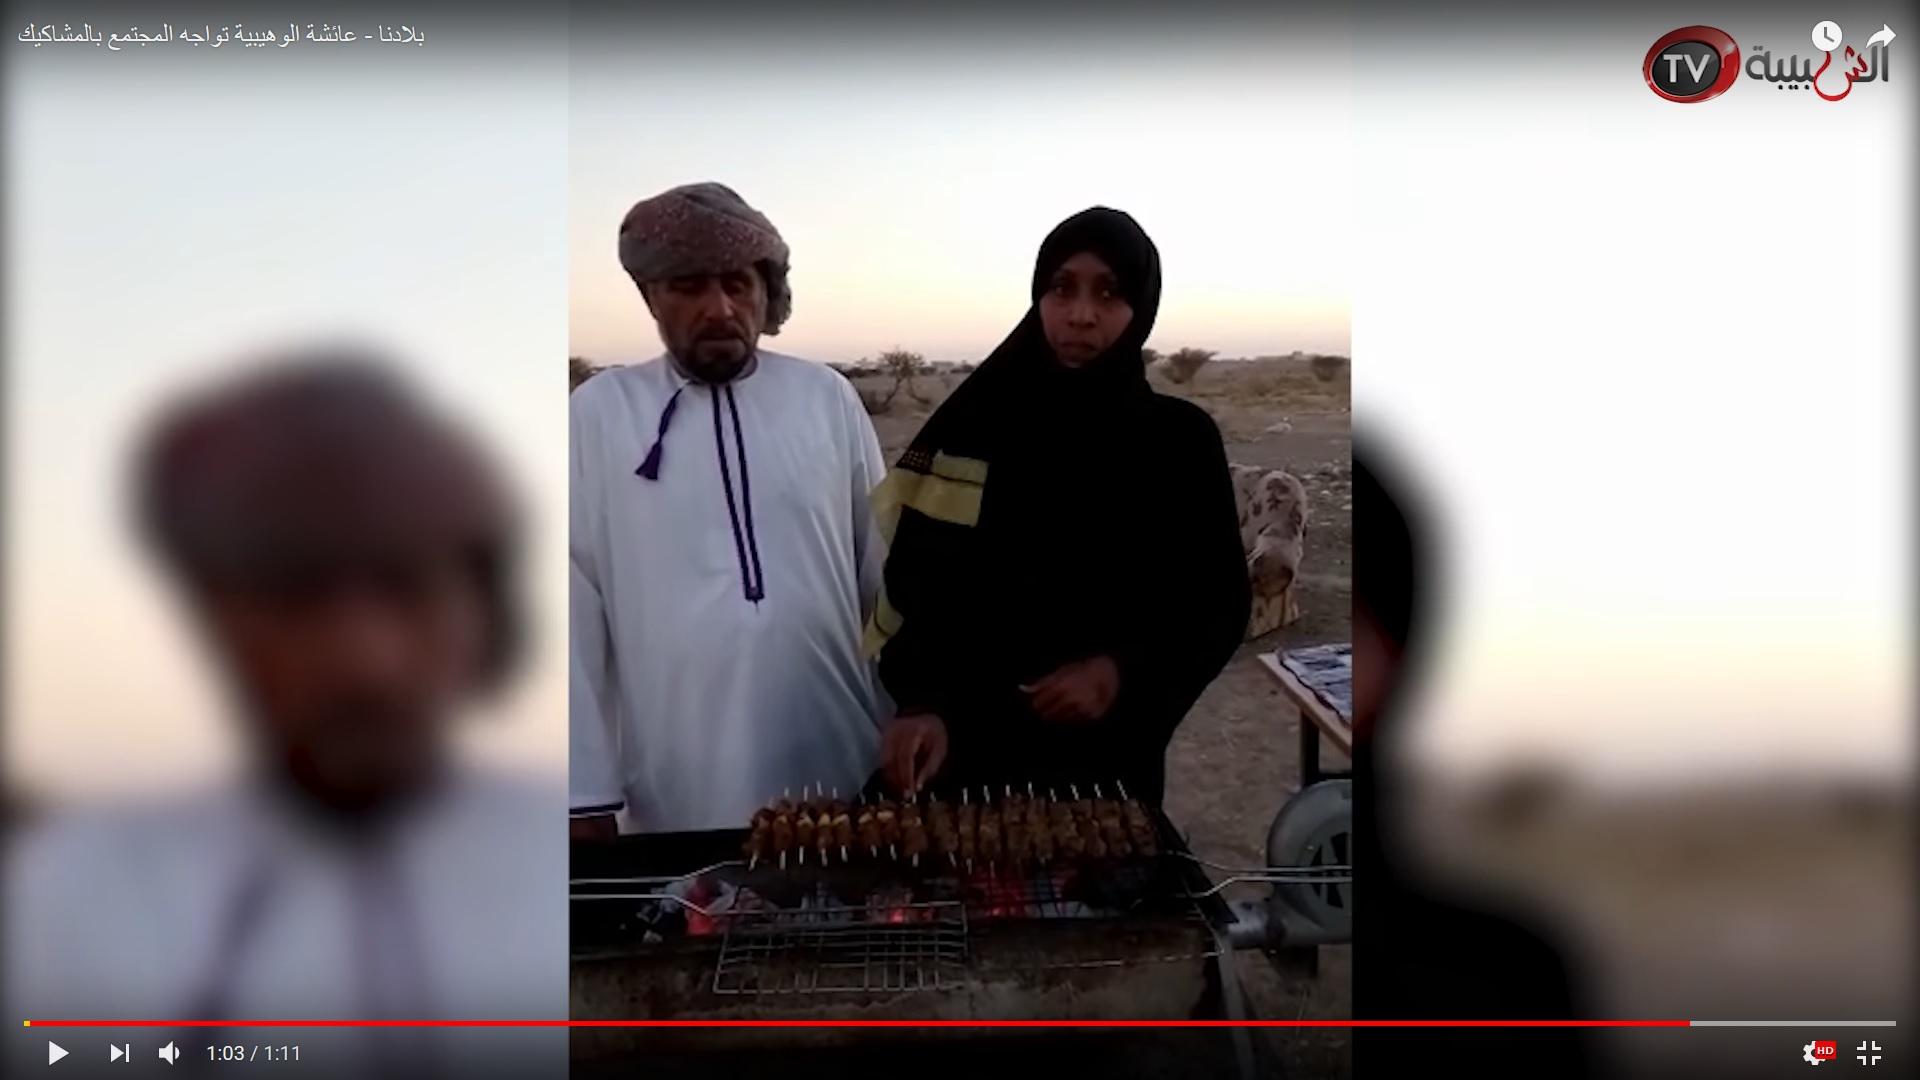 بالفيديو: عائشة الوهيبية.. تواجه المجتمع بالمشاكيك